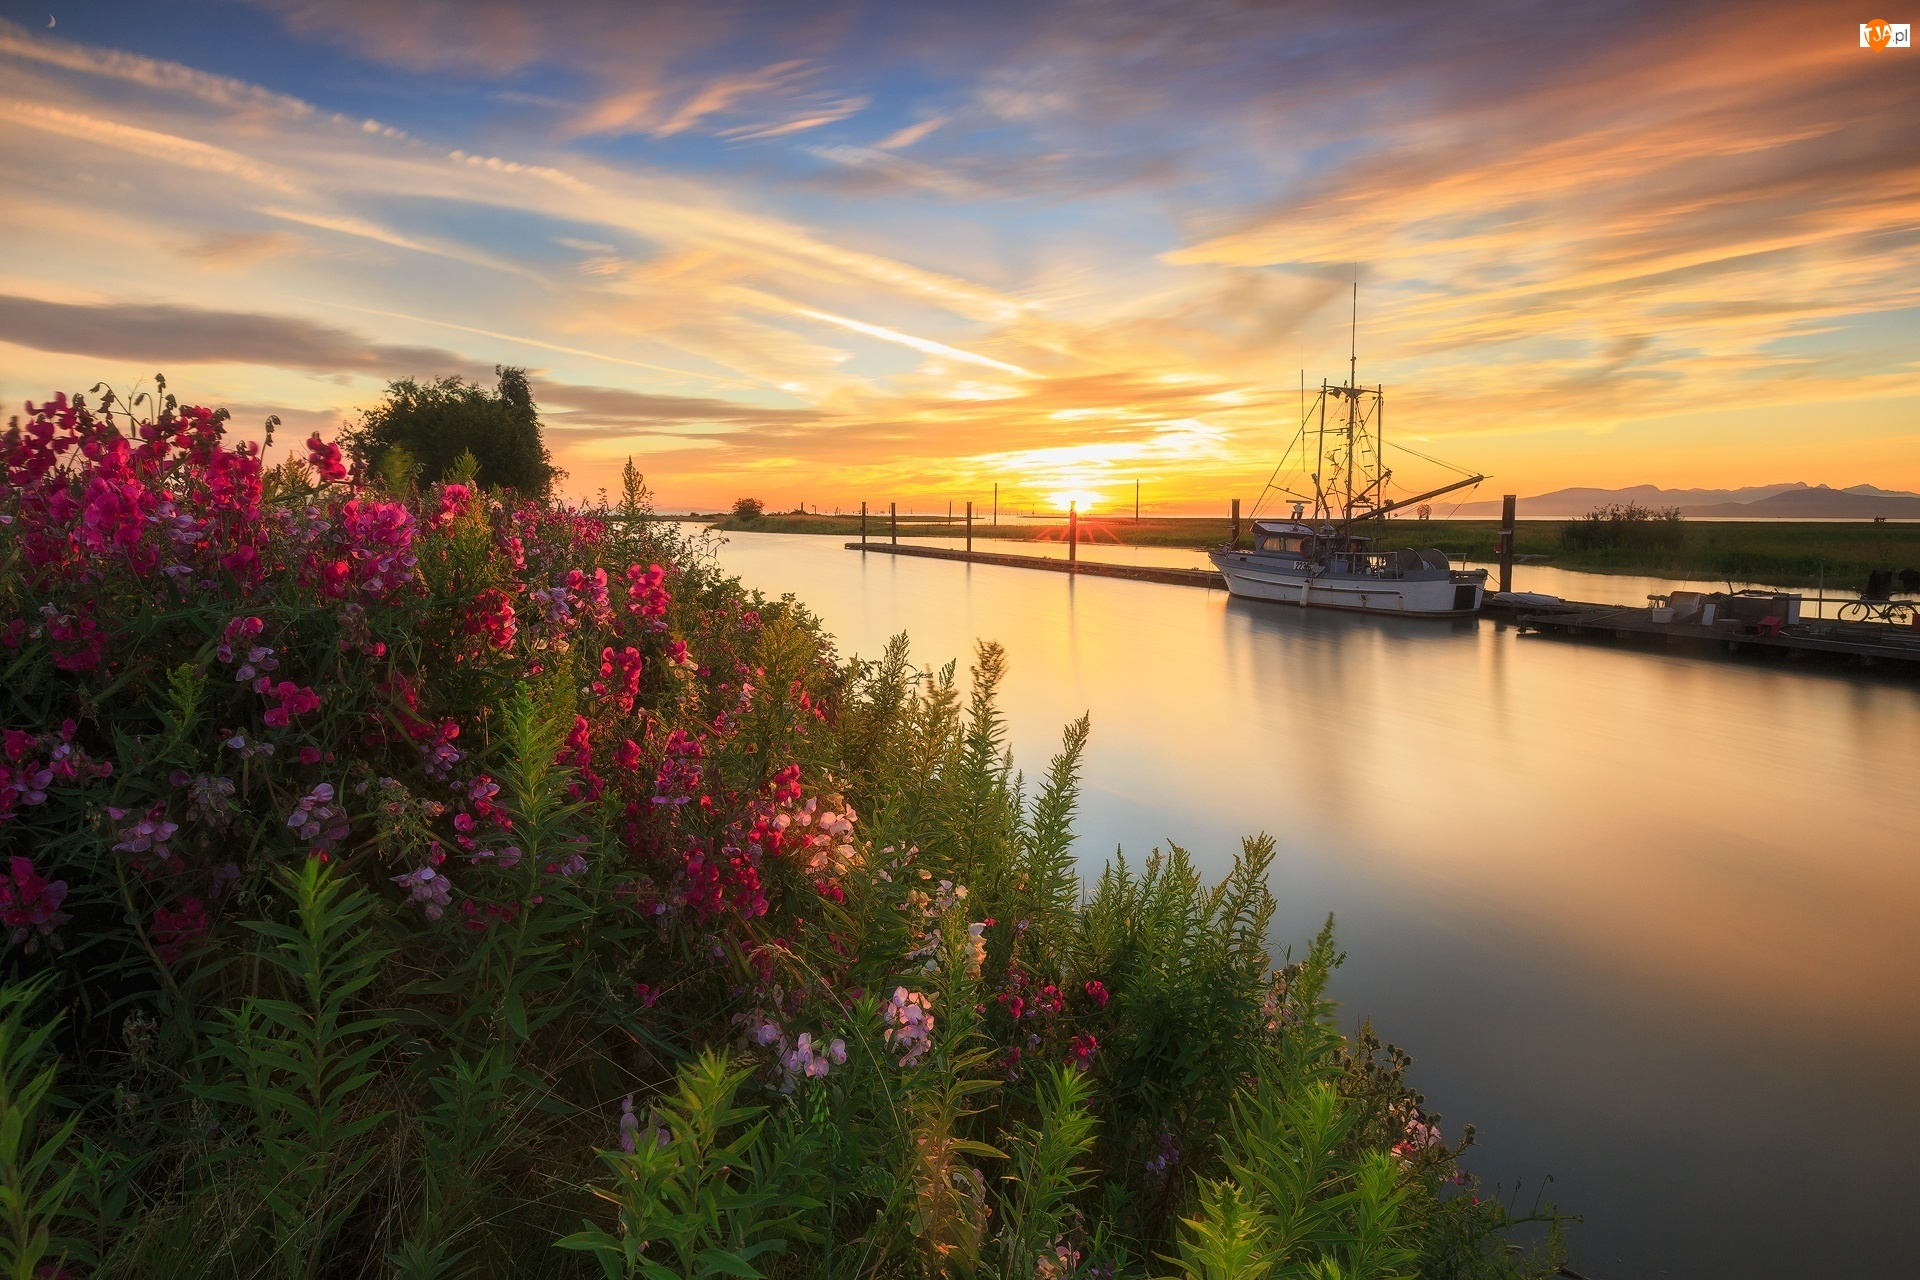 Richmond, Zachód słońca, Kwiaty, Prowincja Kolumbia Brytyjska, Rzeka Fraser, Garry Point Park, Kanada, Statek